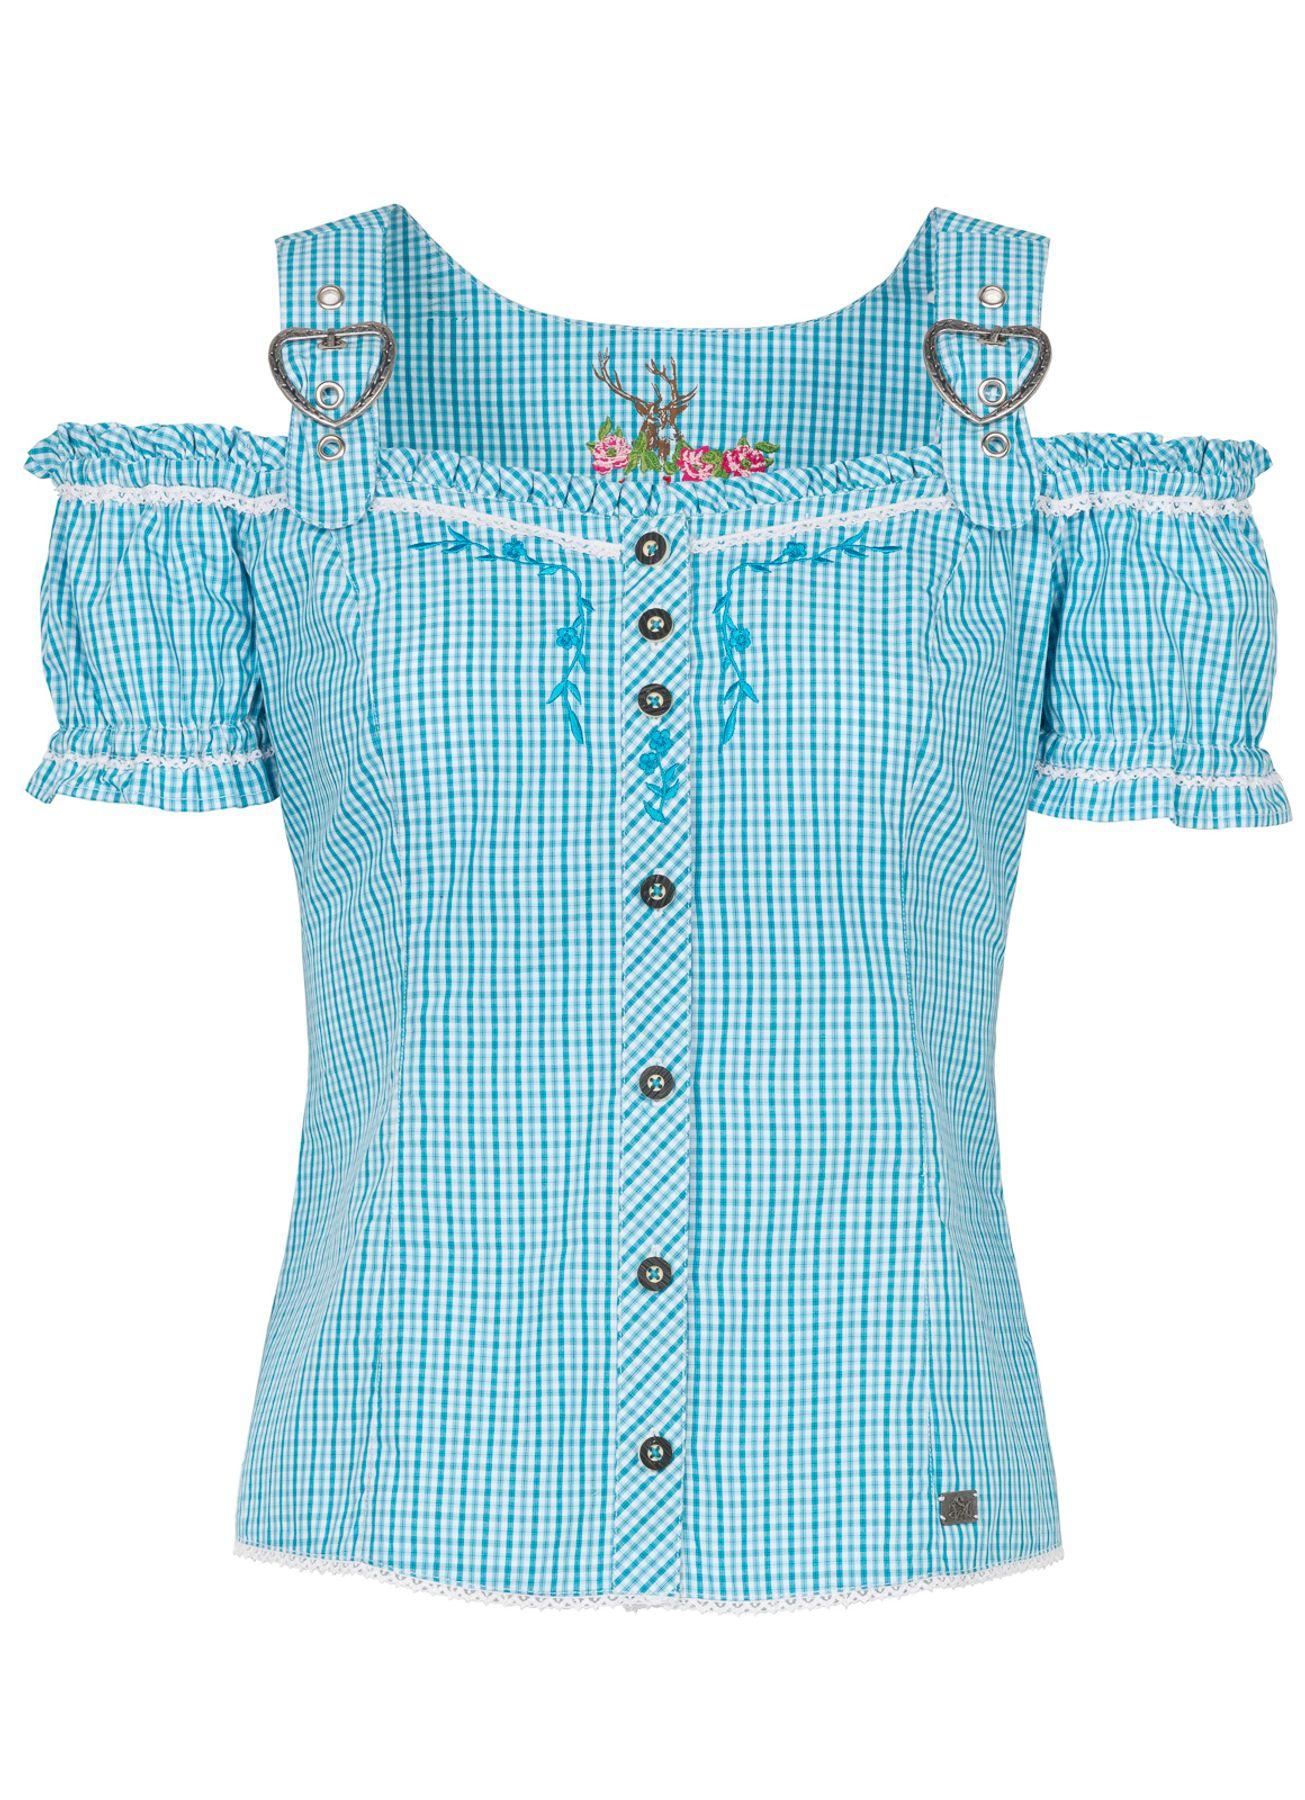 Spieth & Wensky - Damen Trachten Bluse kariert in verschiedenen Farben, Galanta (300410-0948) – Bild 4